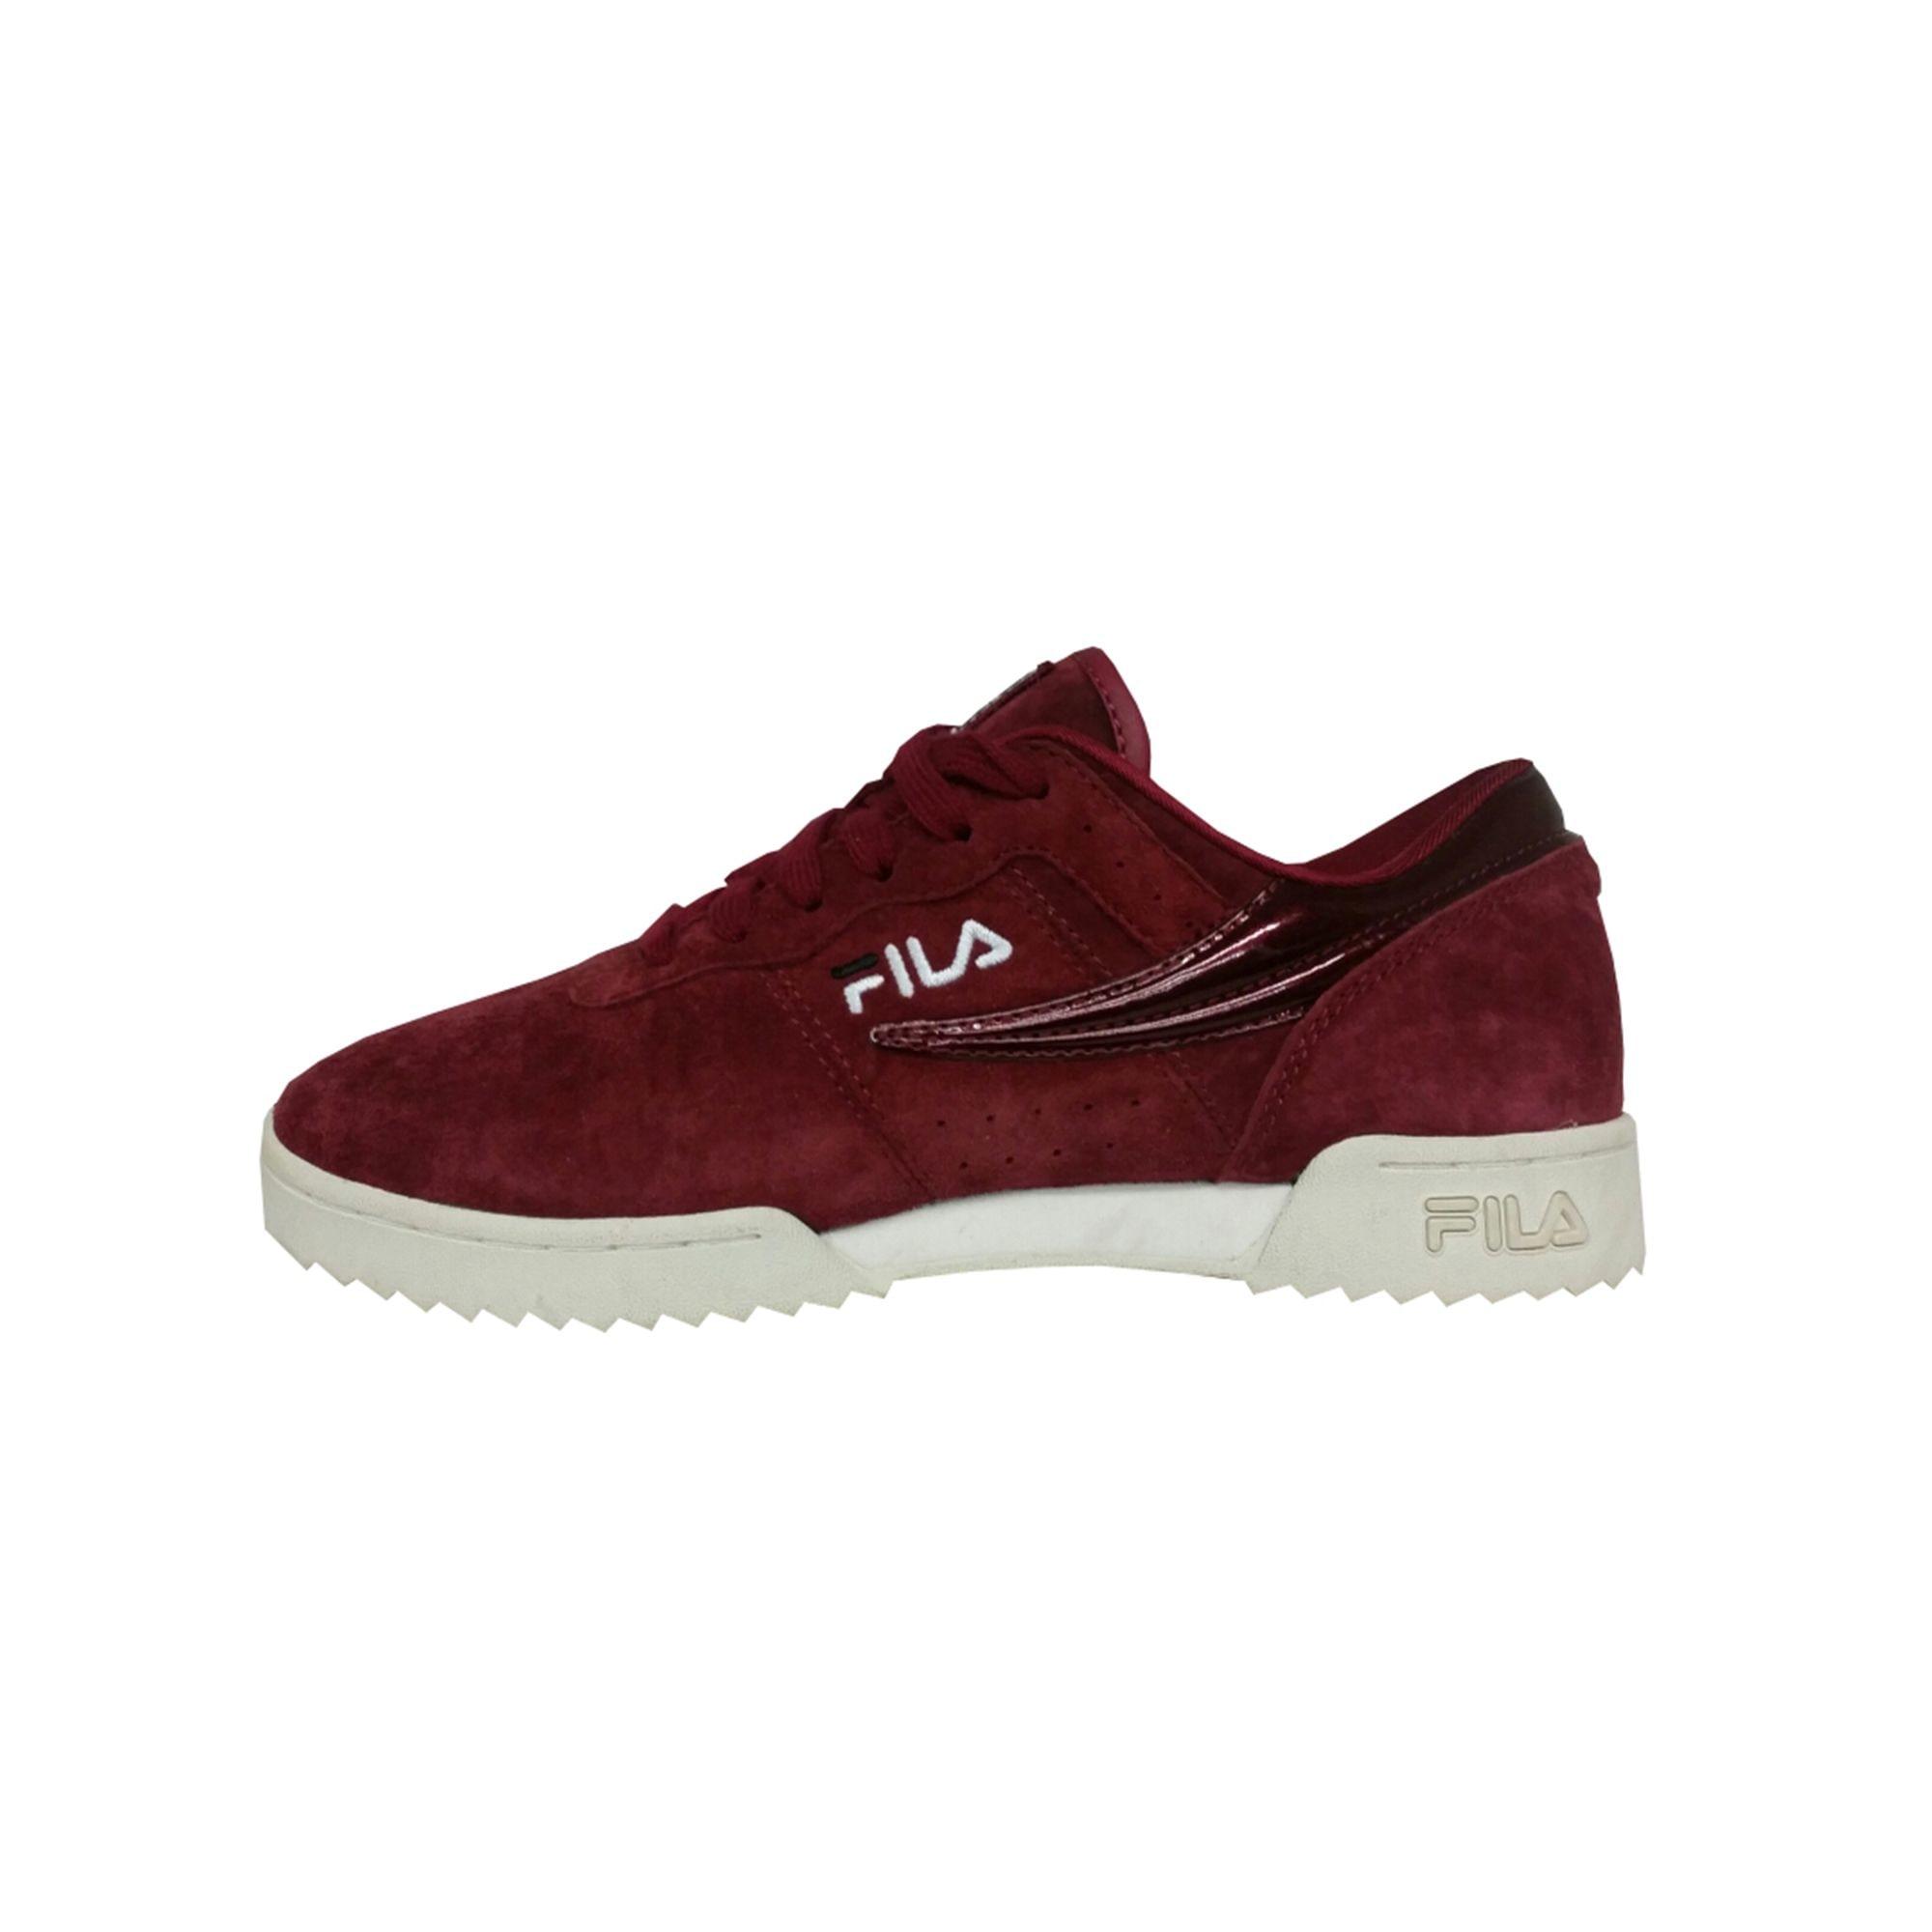 Chaussures de sport FILA Rouge, bordeaux